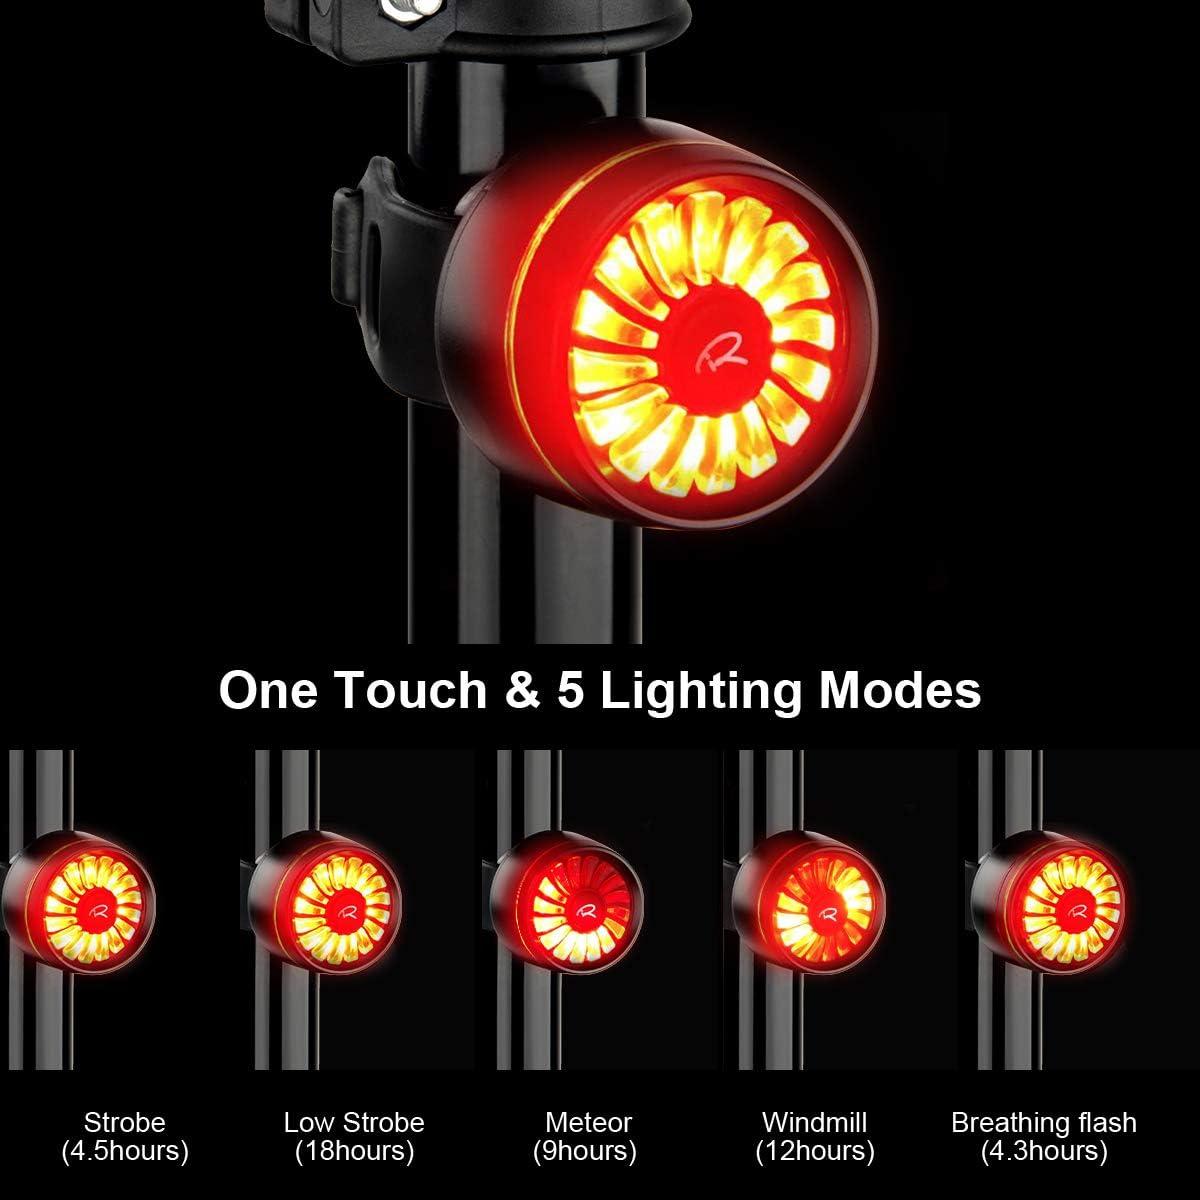 5 Modes d/éclairage Rouge Haute intensit/é v/élo feu arri/ère Casque /étanche Sac /à Dos LED Lampe Frein Intelligent v/élo feu arri/ère USB Rechargeable Ryaco v/élo feu arri/ère